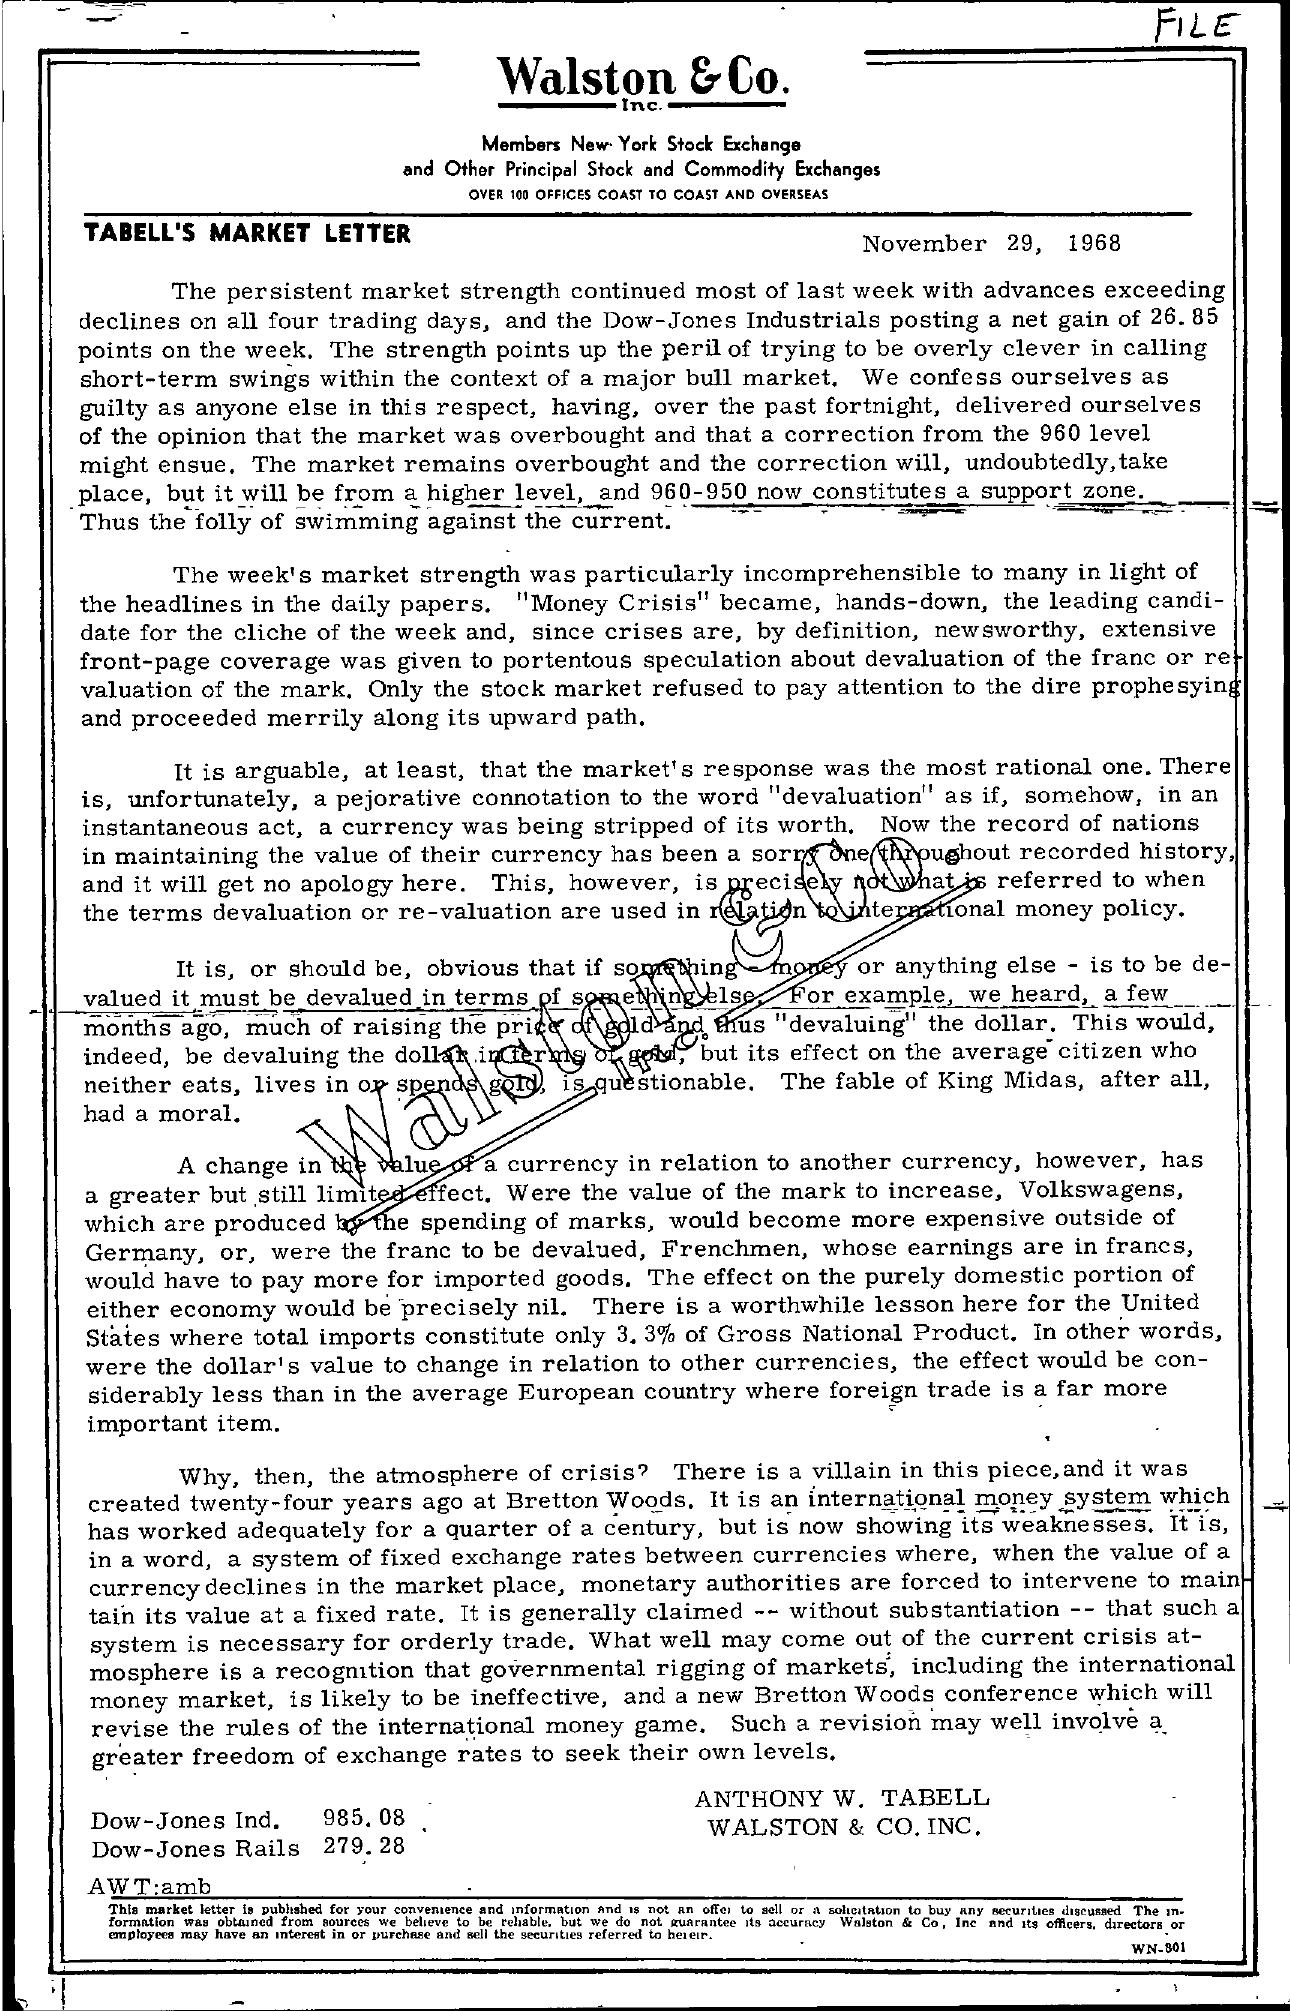 Tabell's Market Letter - November 29, 1968